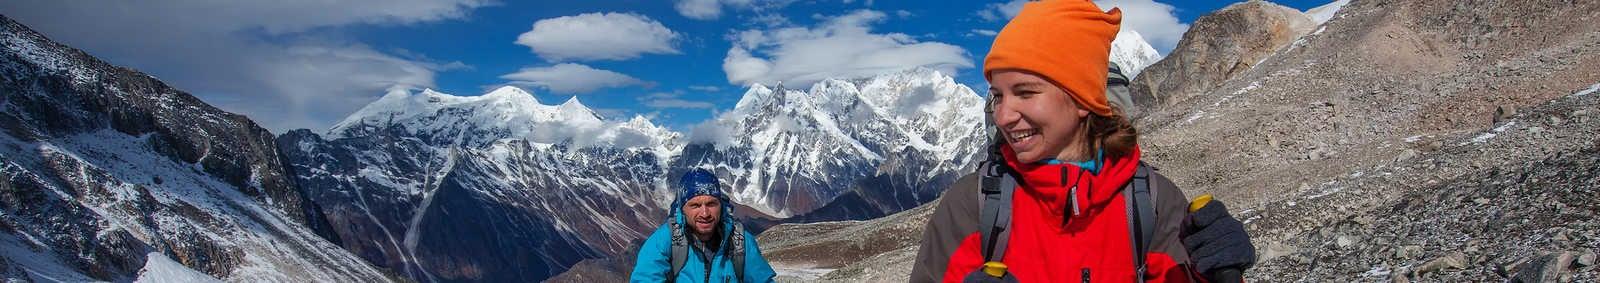 Hikers on the trek in Himalayas, Manaslu region, Nepal